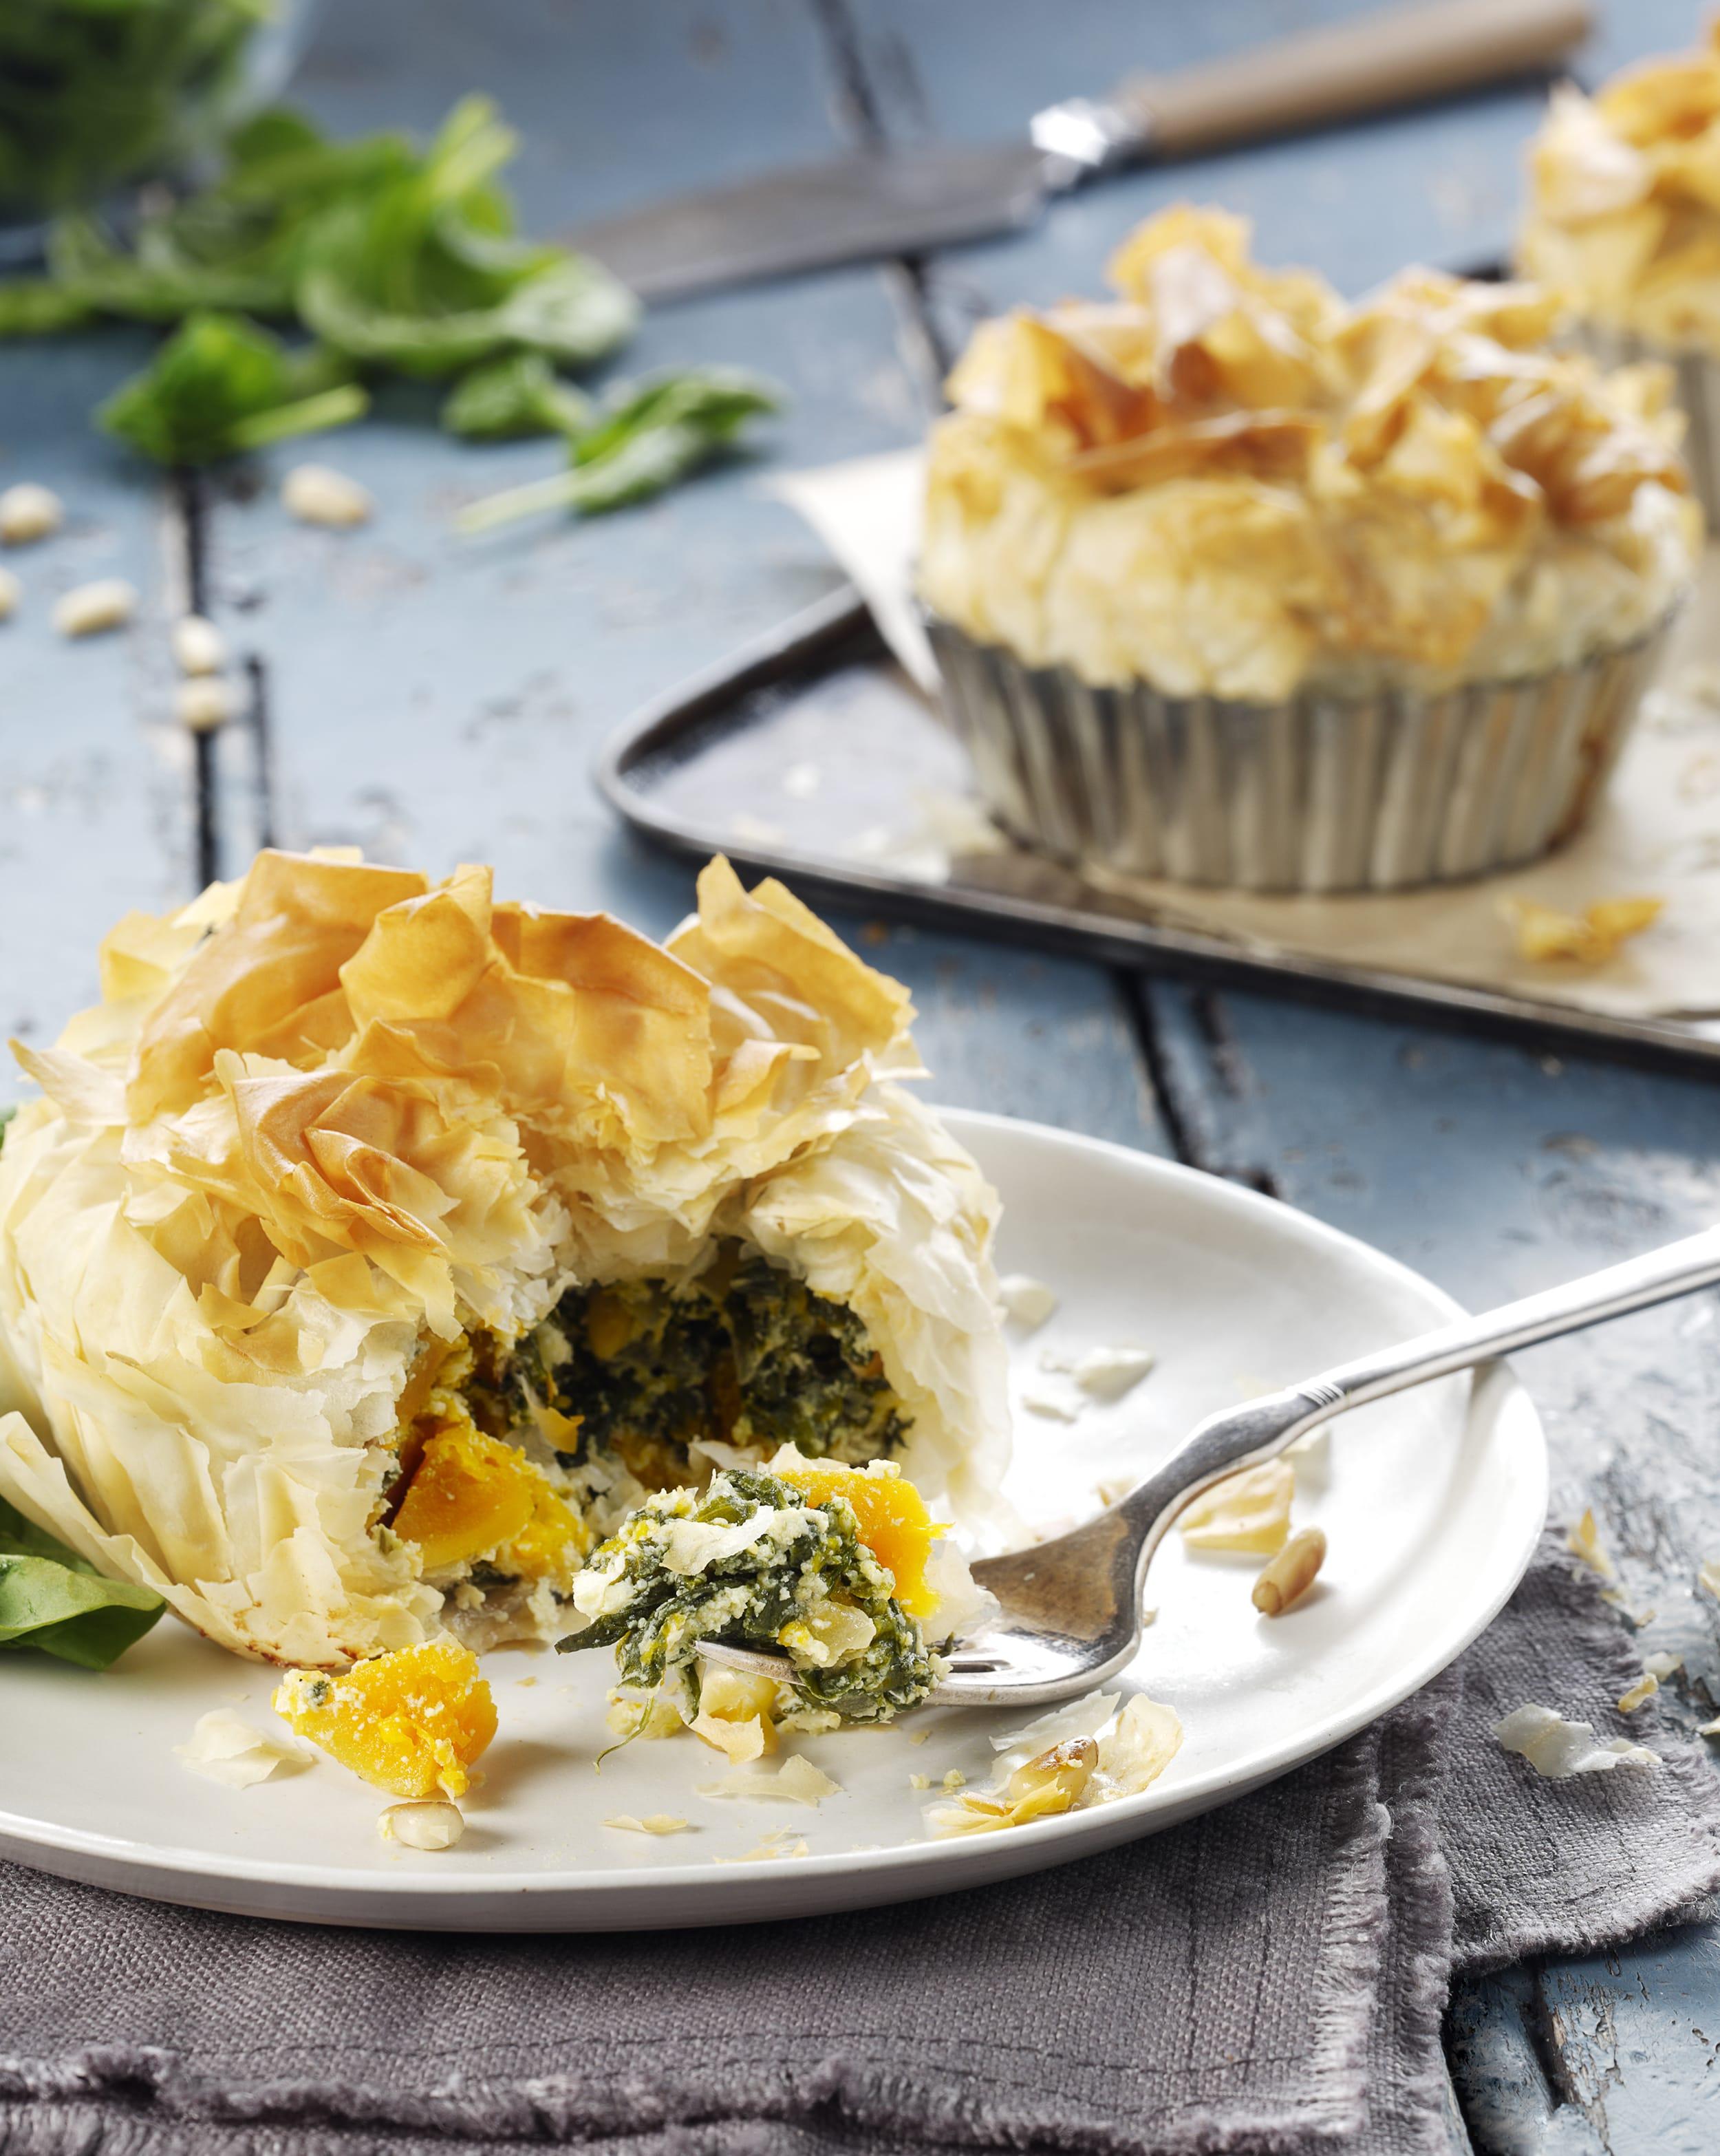 Spinach and Pumpkin Filo Pie